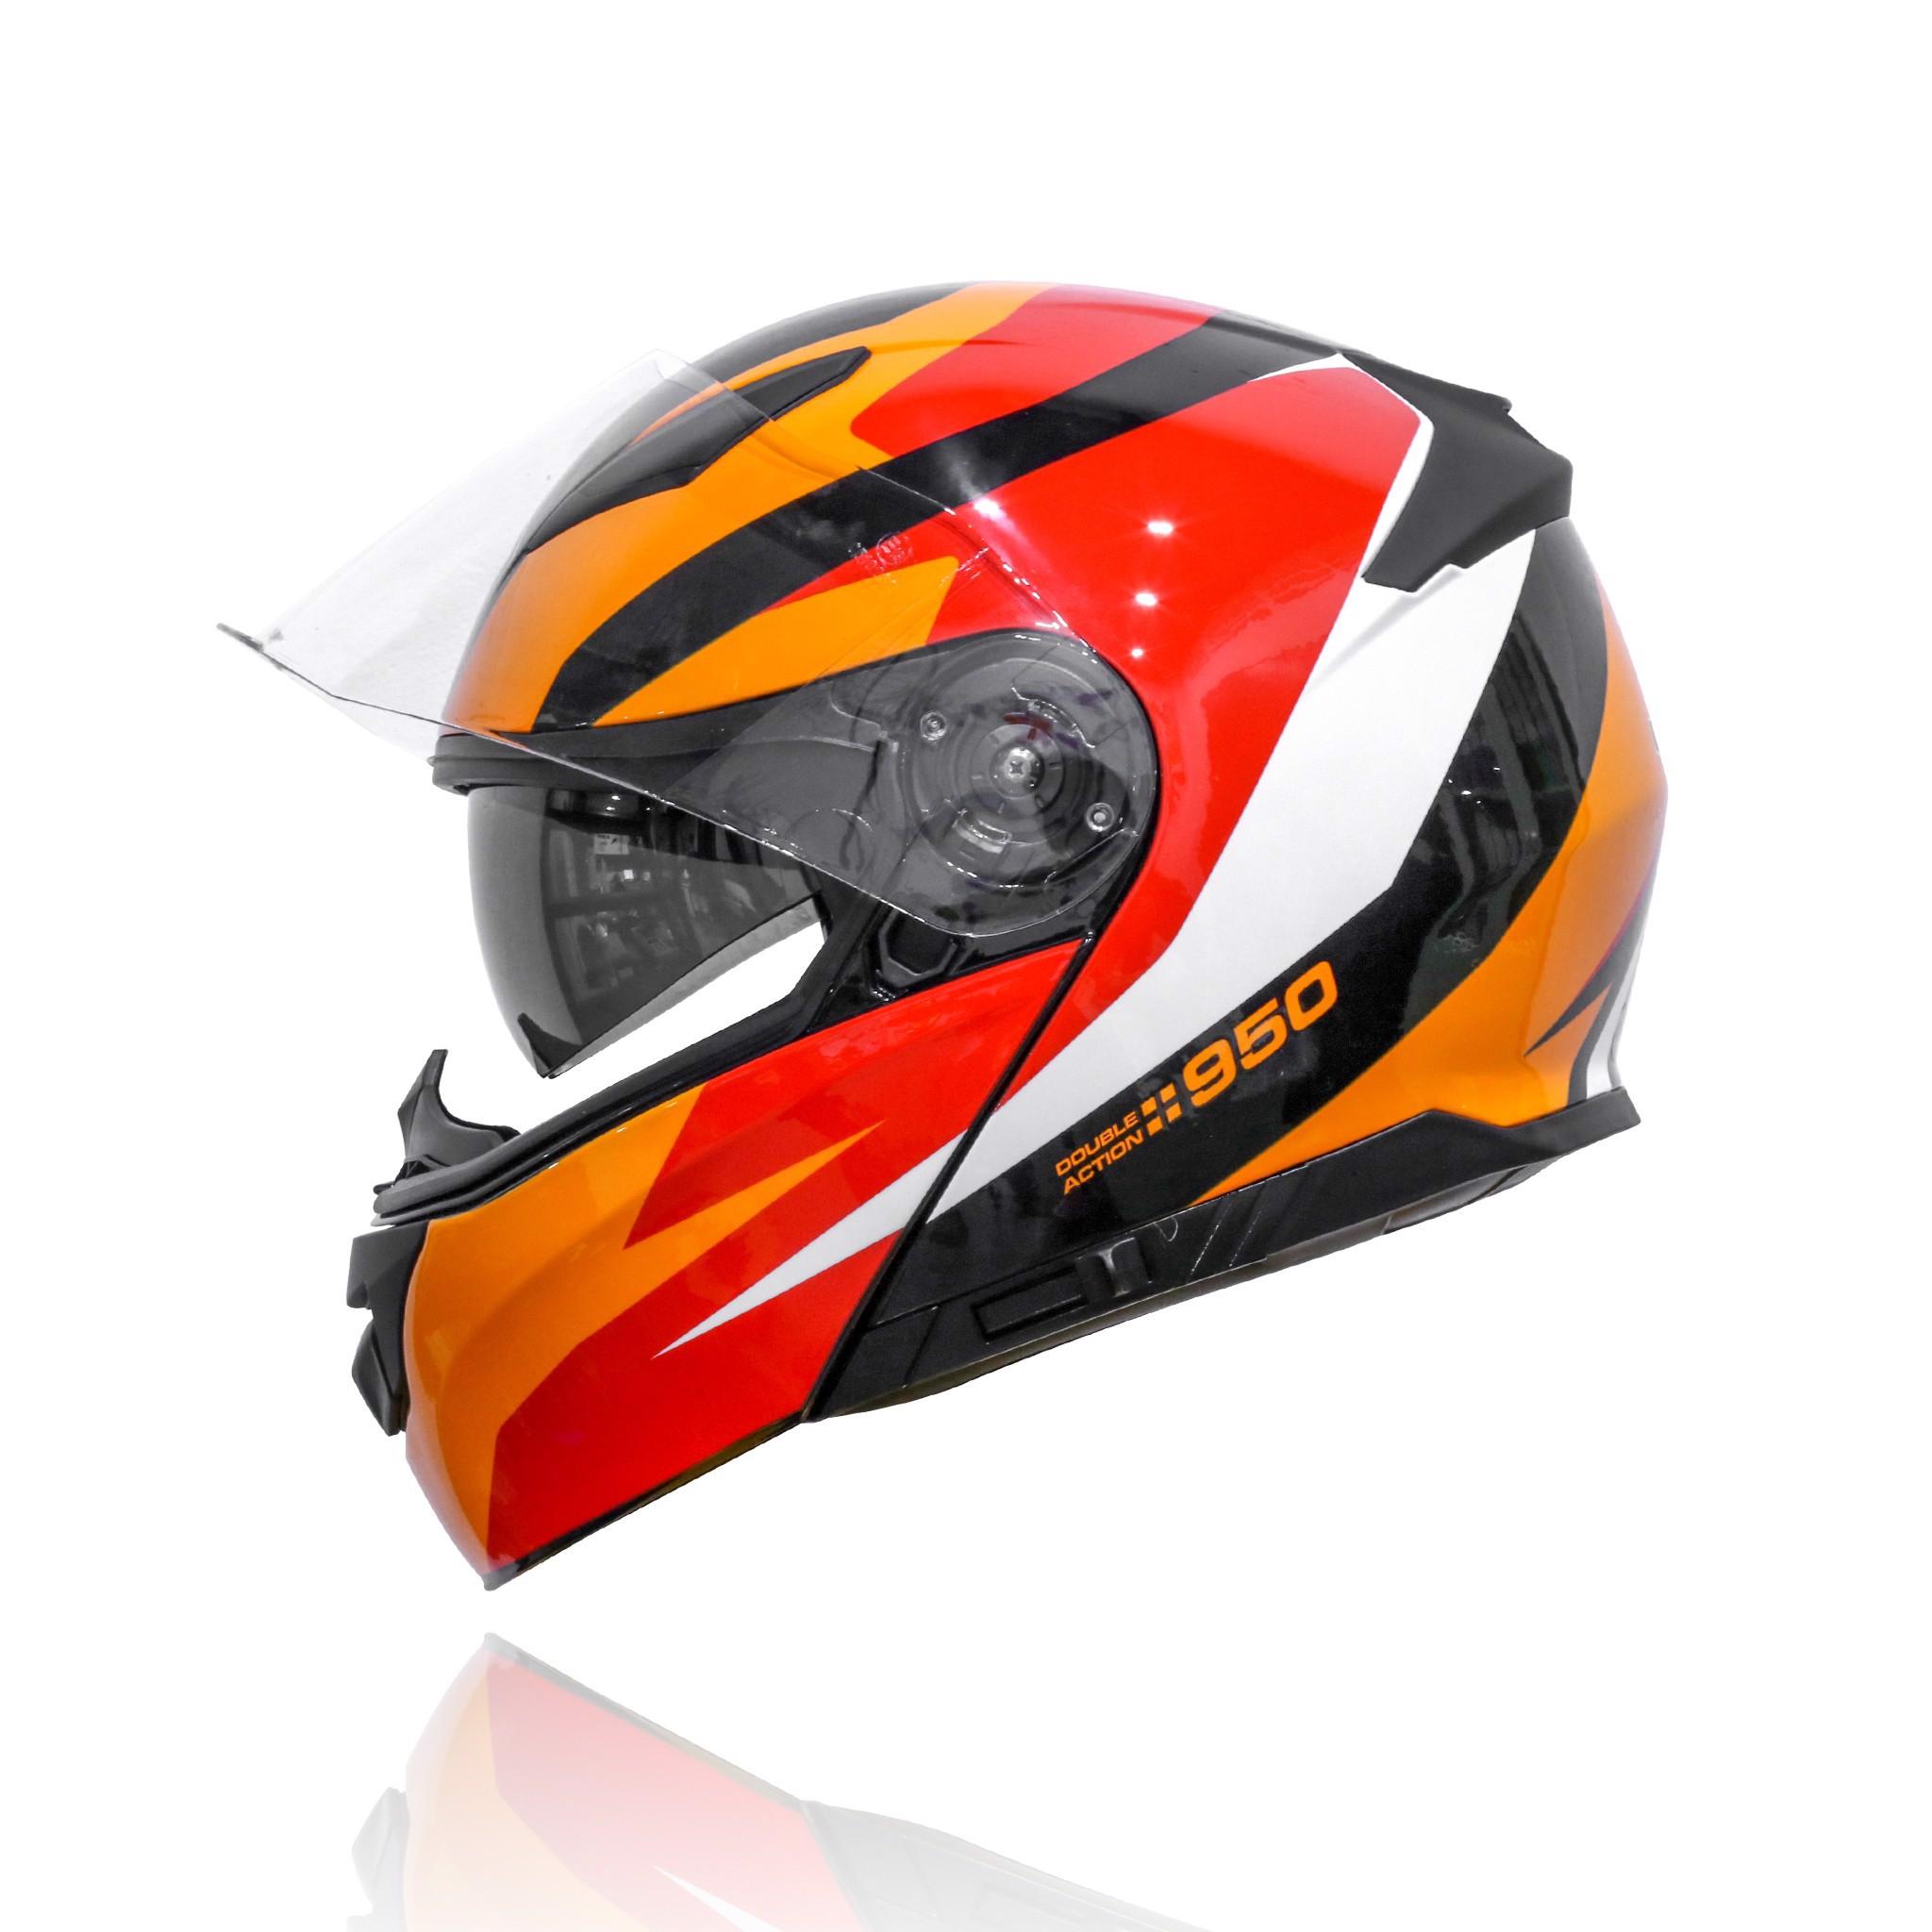 Mũ bảo hiểm Yohe 950 lật hàm 2 kính chính hãng tem Black Orange